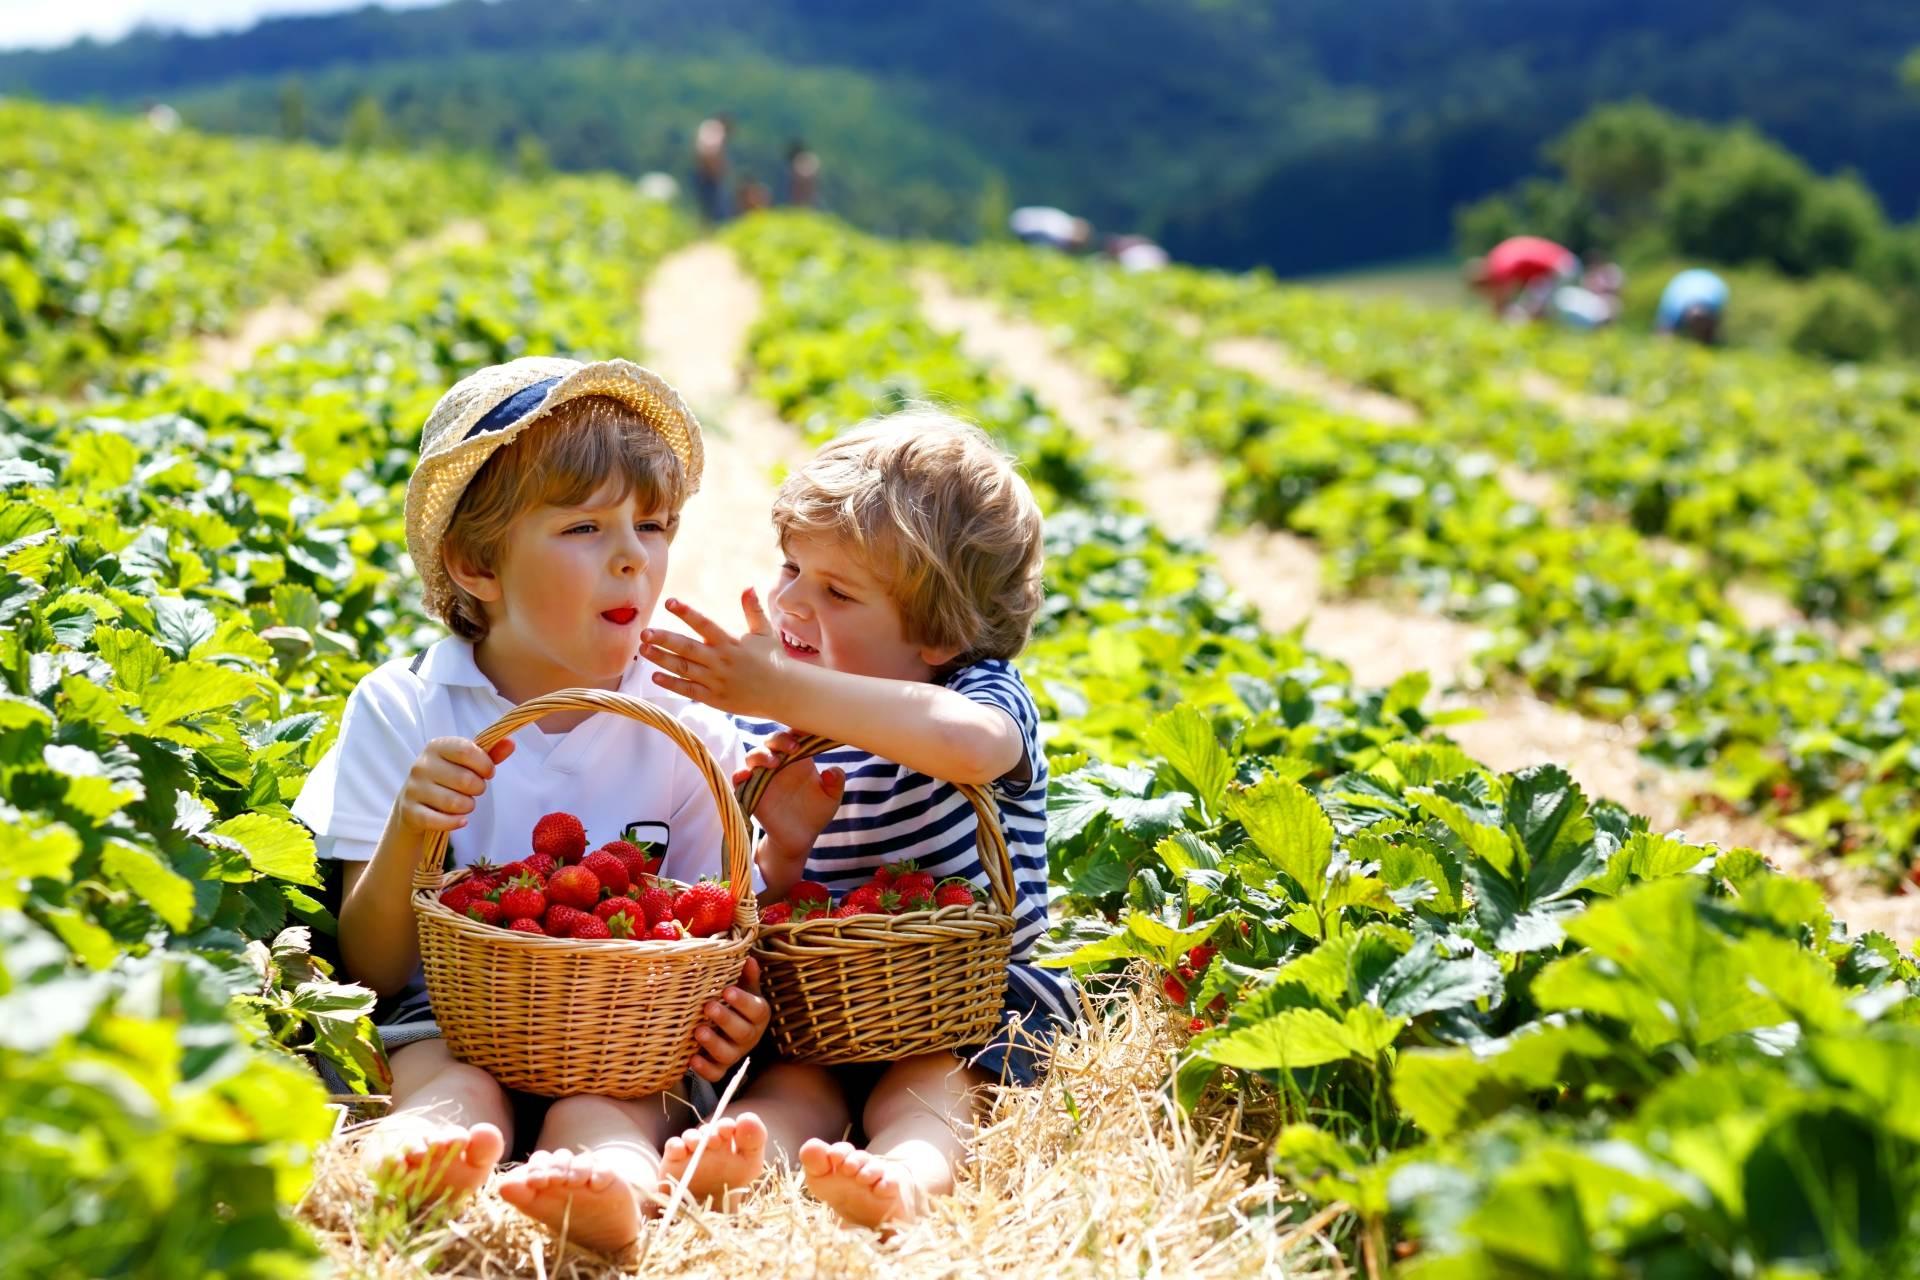 Mali chłopcy siedzą w polu i zajadają się zebranymi truskawkami z koszyka. Jak rozpoznać pasożyty u dzieci i jak je leczyć?